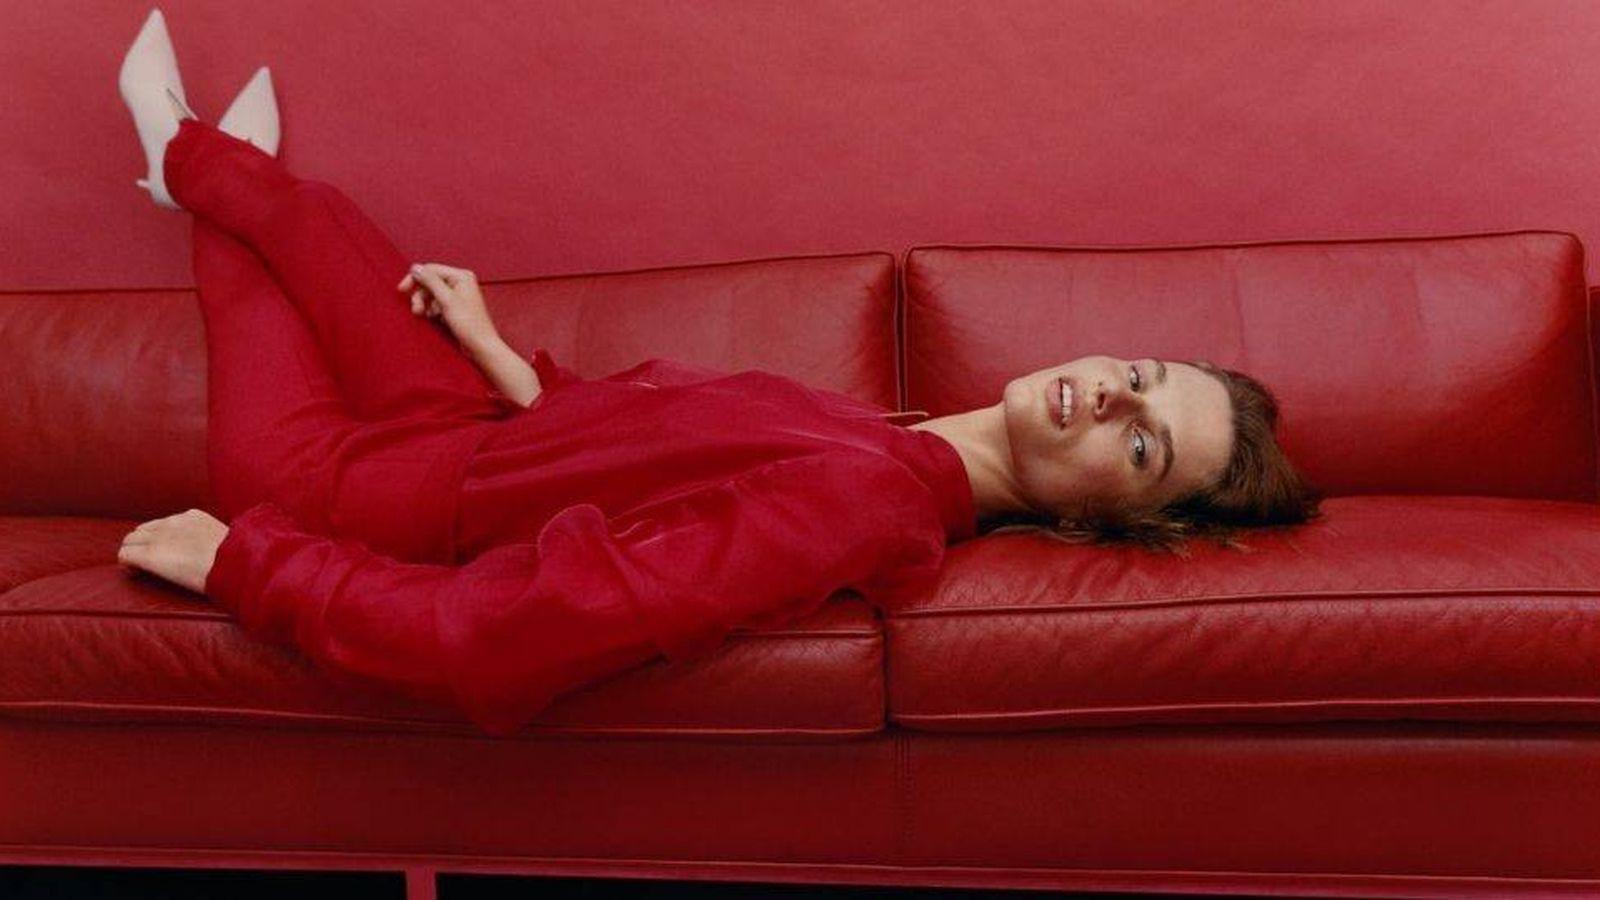 Foto: Es el balance ideal entre una prenda casual y elegante. (Cortesía)